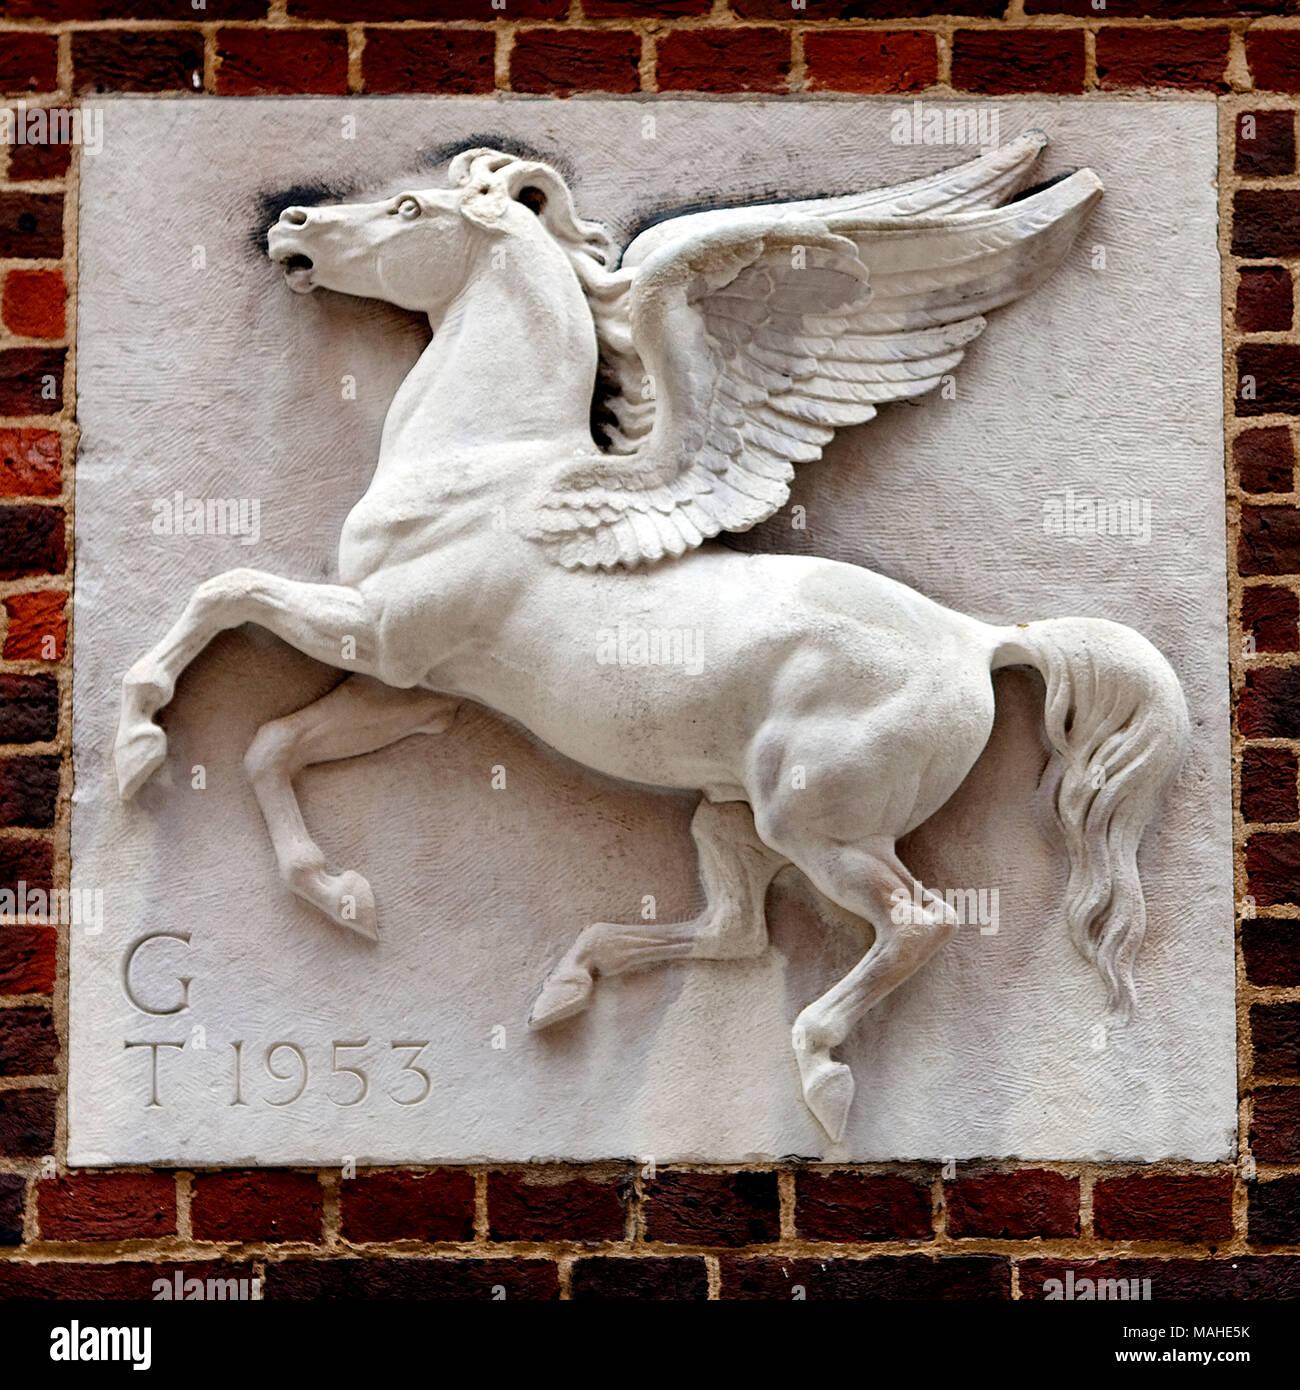 Pegasus por J.Daymond & Sons la Honorable Sociedad de templo interior es uno de los cuatro Inns of Court alrededor de las Cortes Reales de justicia en Londres cuyo Imagen De Stock